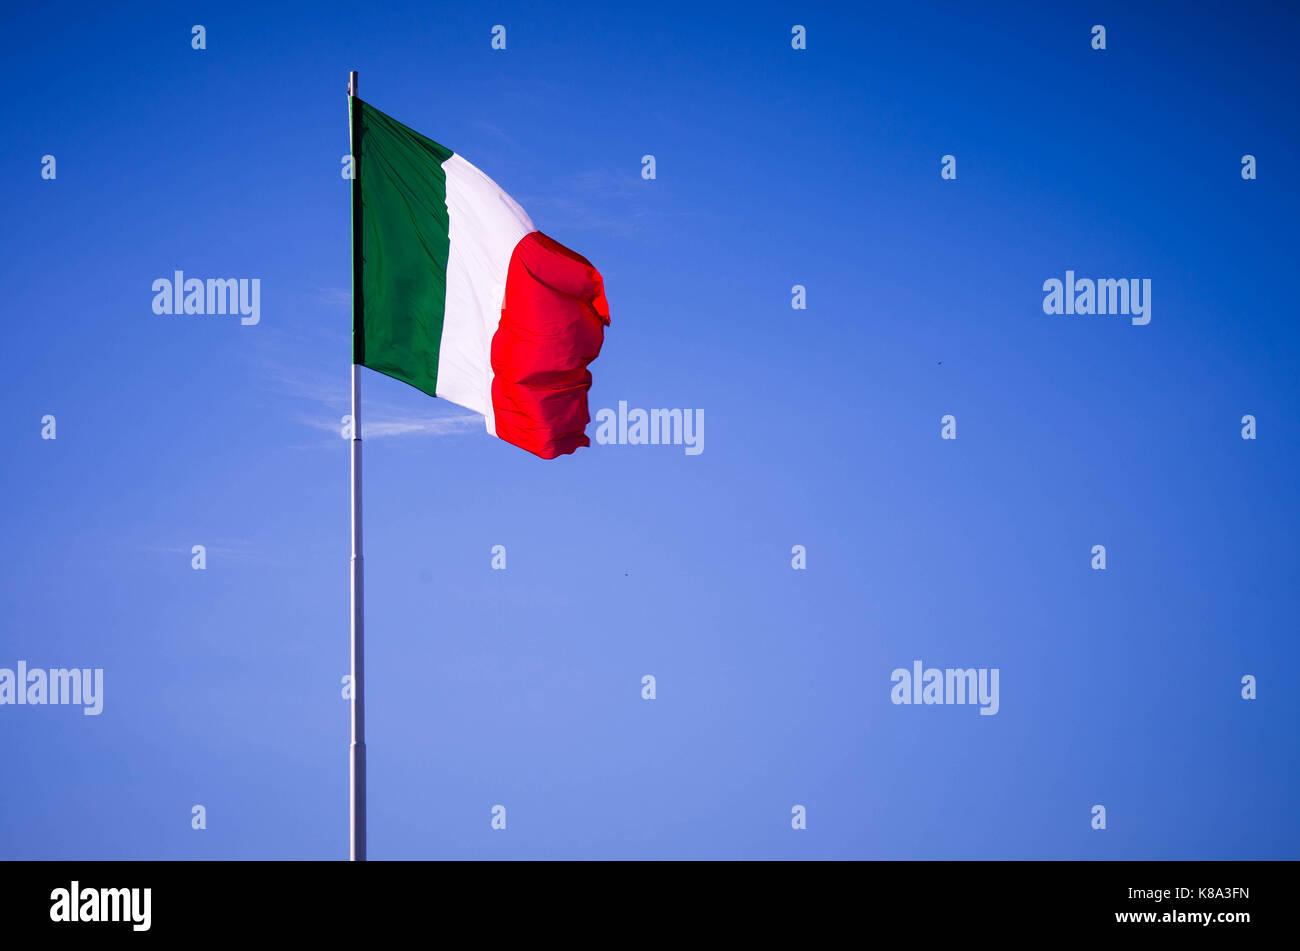 https www alamyimages fr photo image drapeau italien dans le vent en agitant un drapeau de l italie l europe republique italienne italie drapeau de soie sur fond de ciel bleu 160032873 html